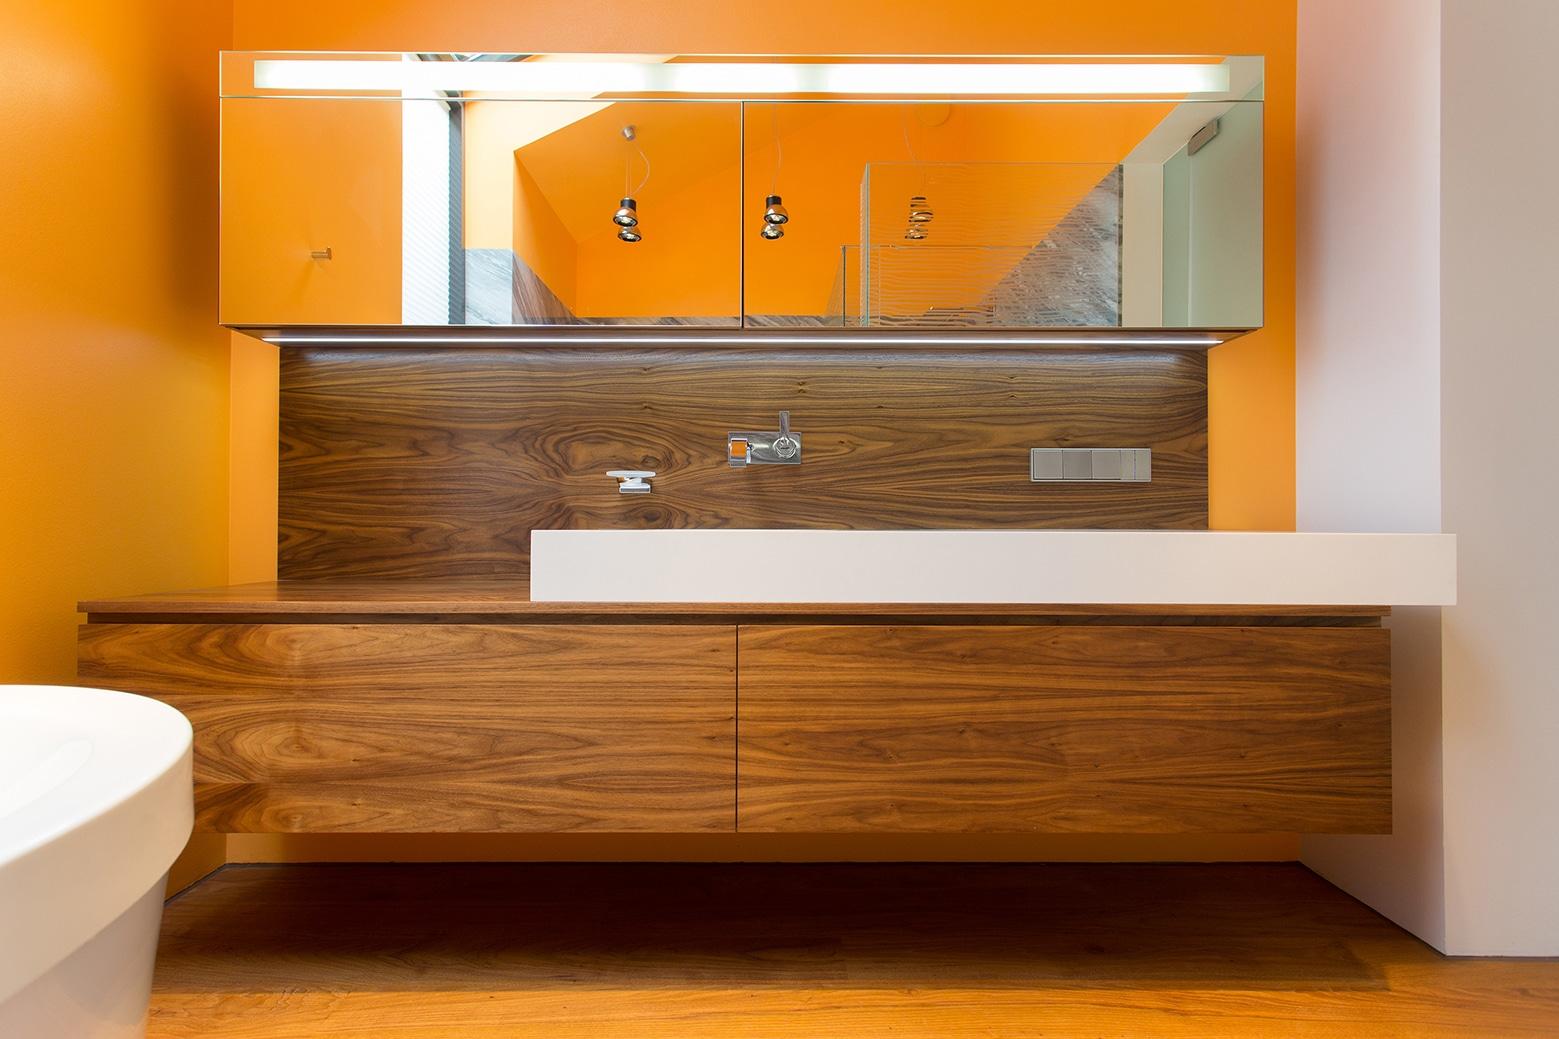 Diseno De Baño Rural:Casa de campo con planos, moderno diseño de fachada con acabados de